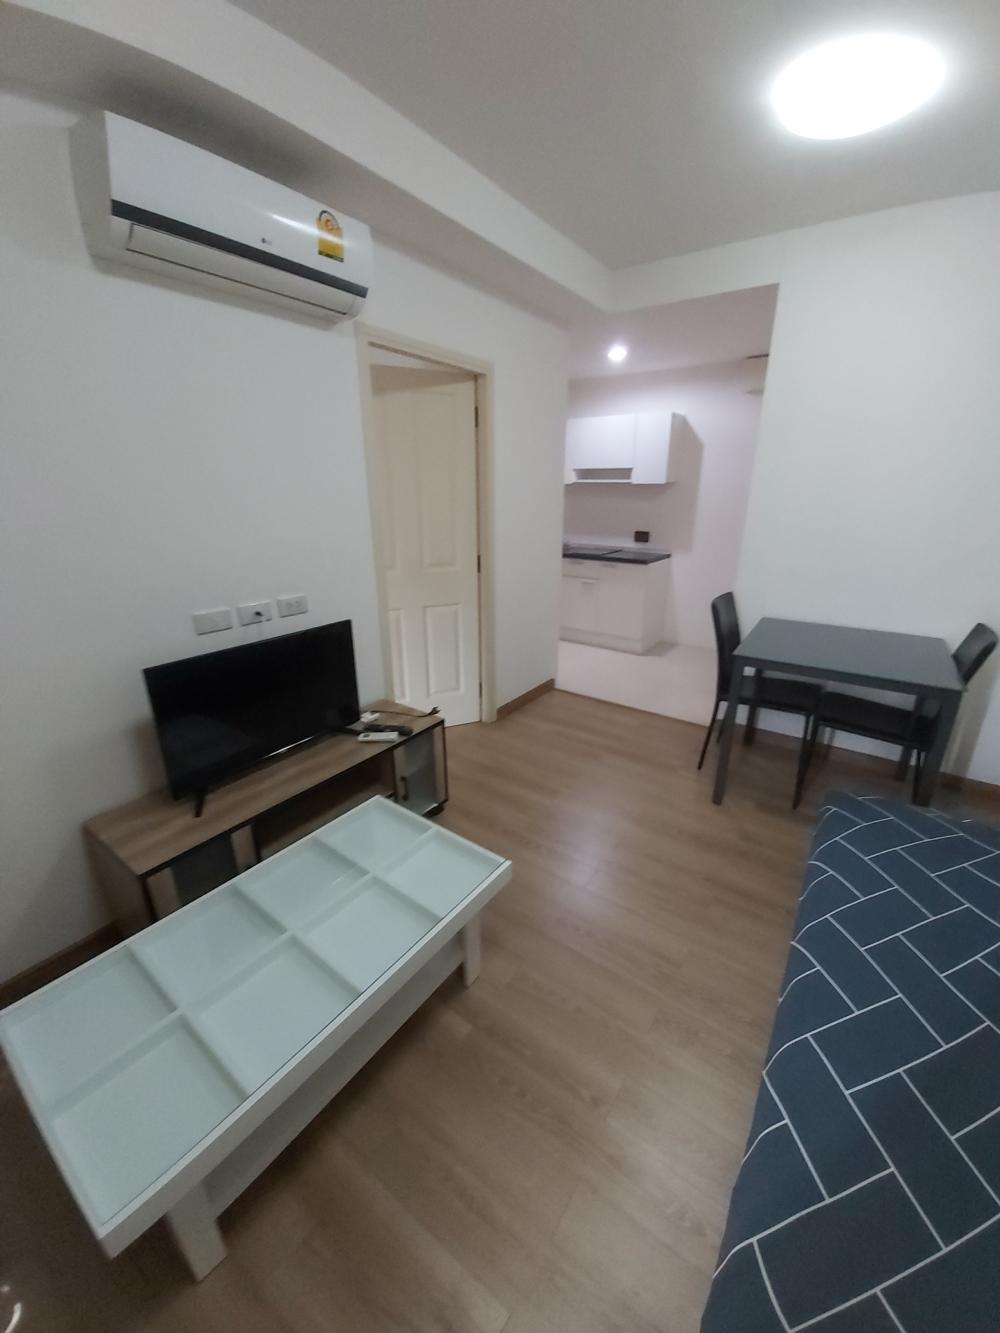 For RentCondoKasetsart, Ratchayothin : Room for rent 🔥 New The Ville @Kasetsart 🔥 Opposite Kasetsart University (walk away) ⭐ Golden location for rent, 1 bedroom big room